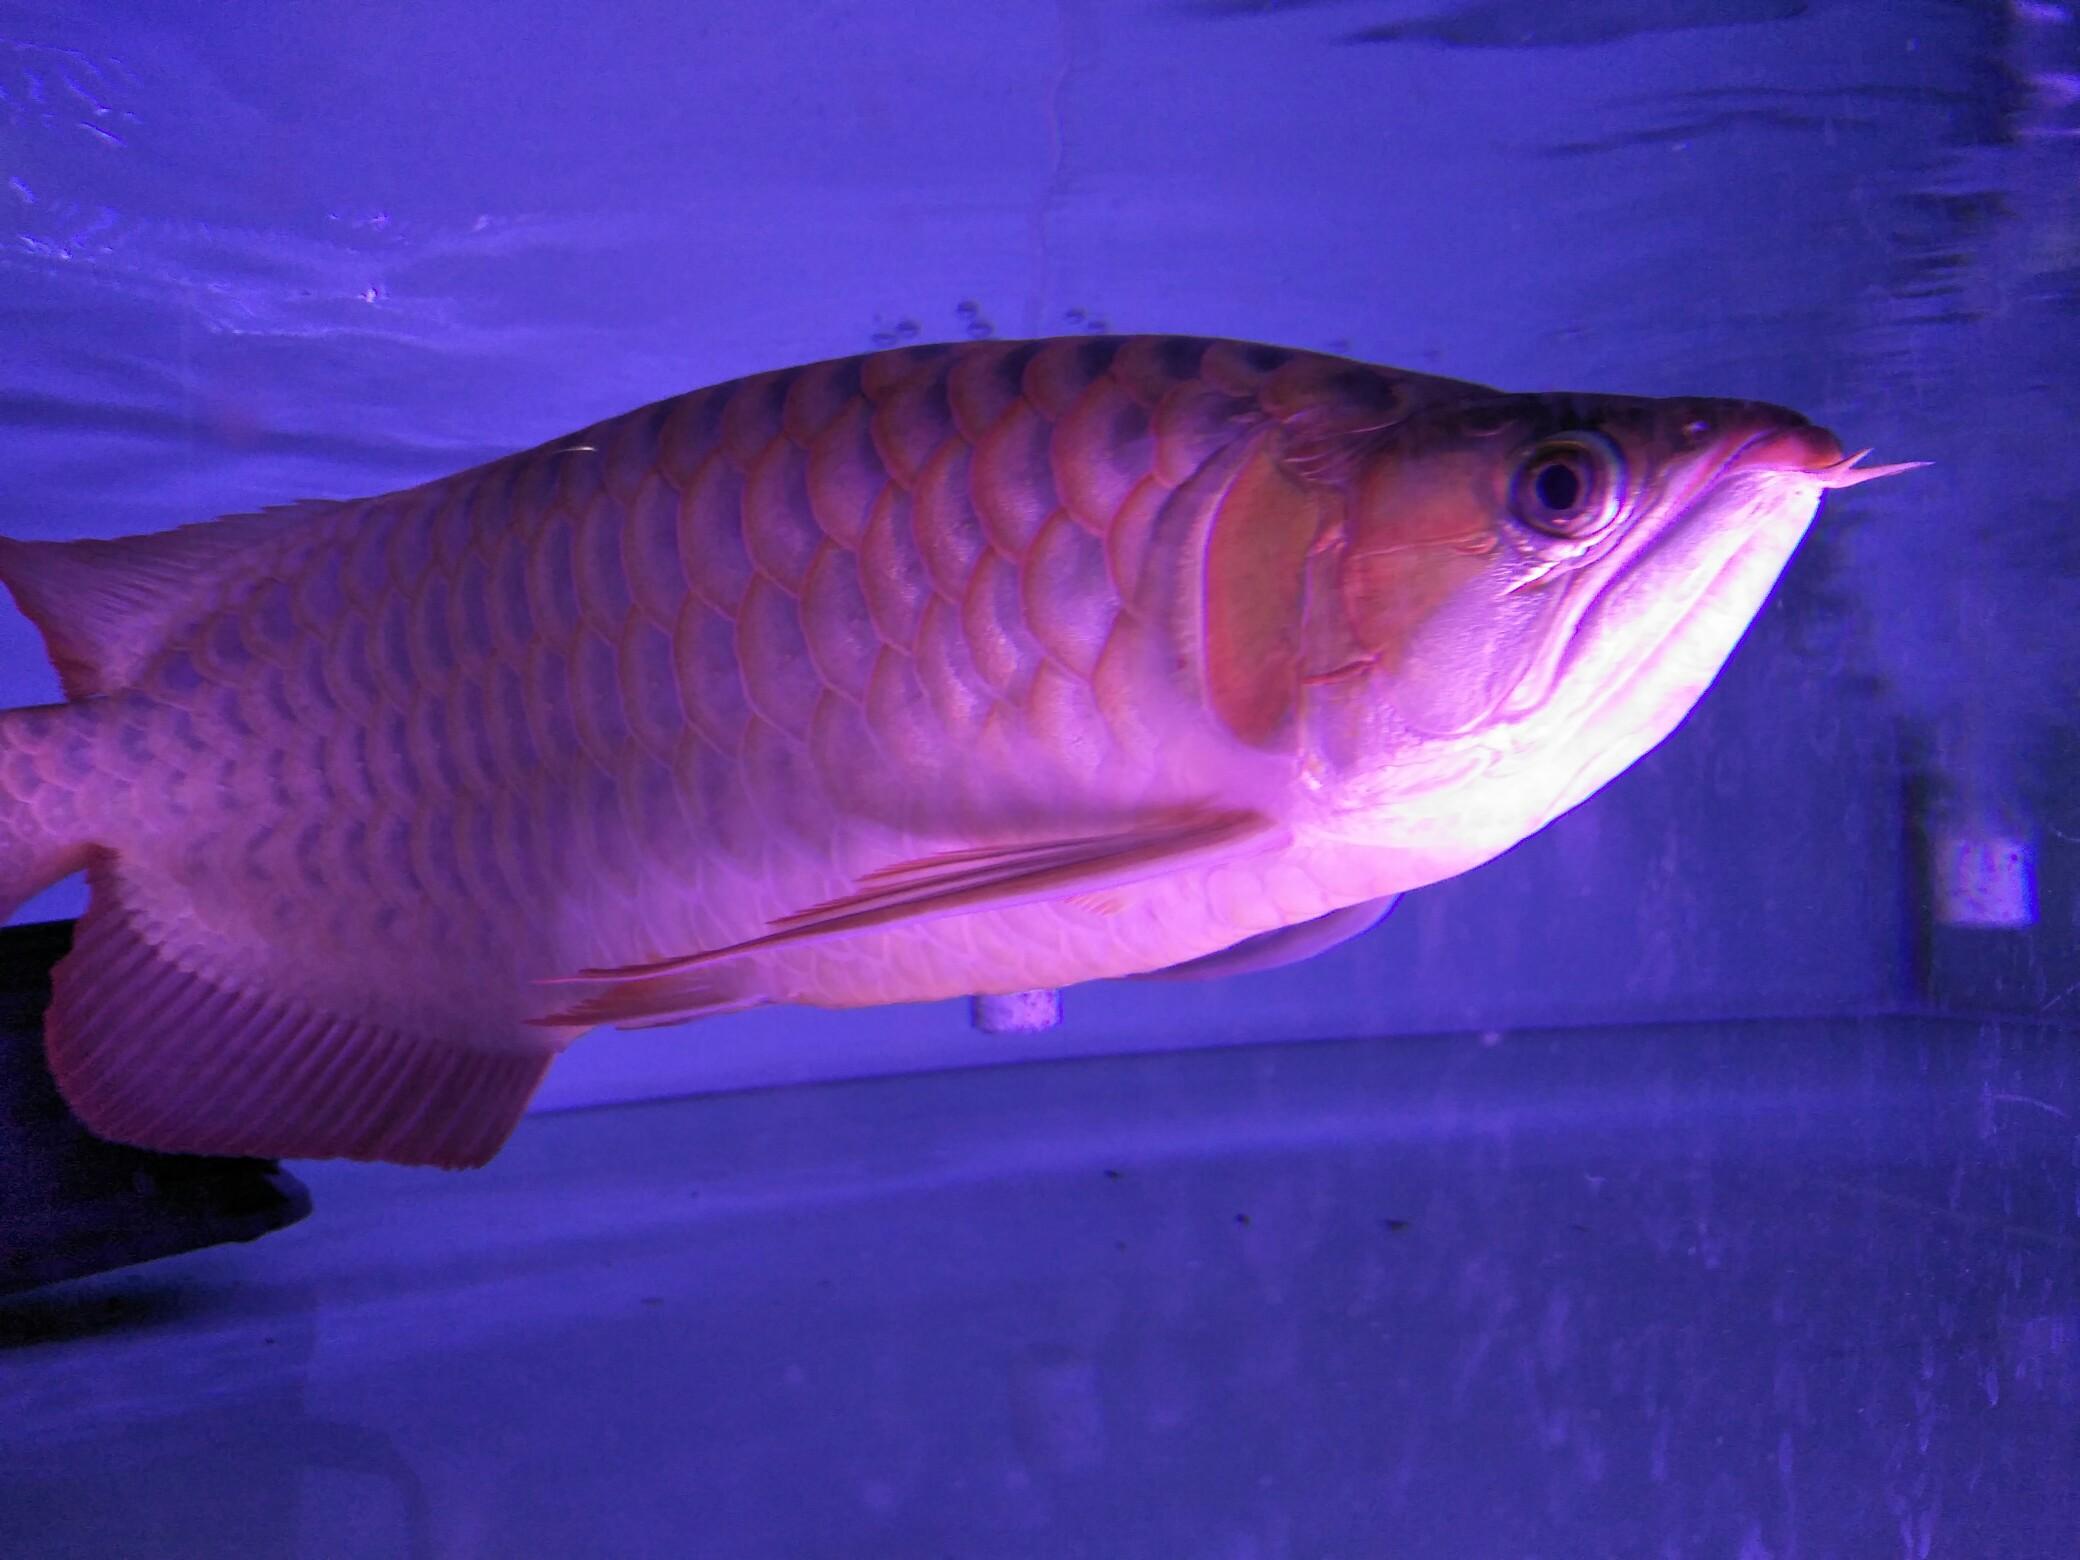 大红龙 翘头哦 北京观赏鱼 北京龙鱼第1张